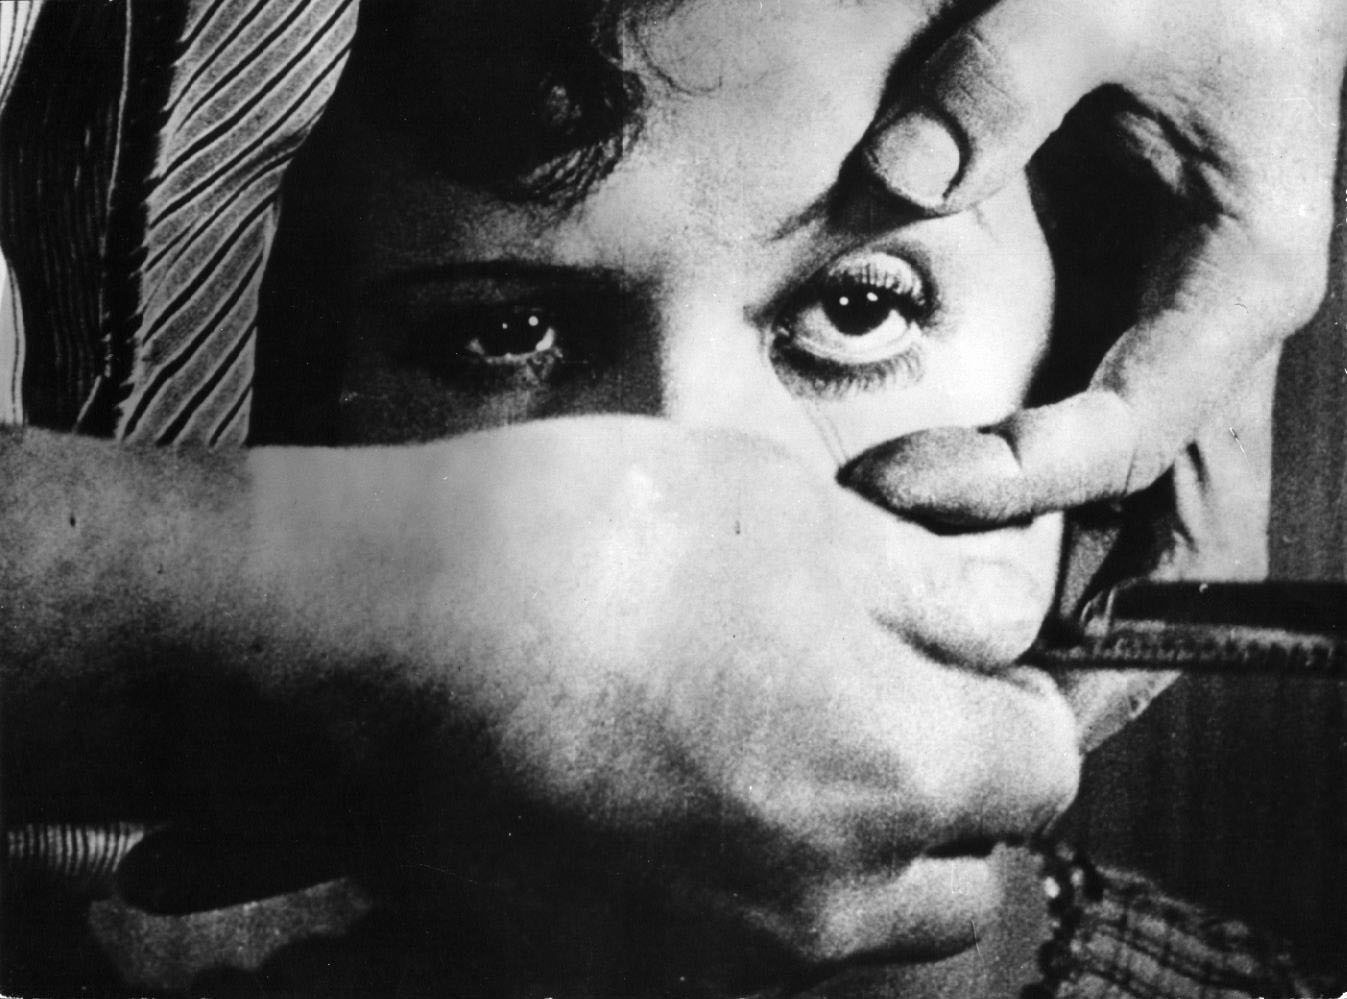 بهترین فیلم های ترسناک فرانسوی